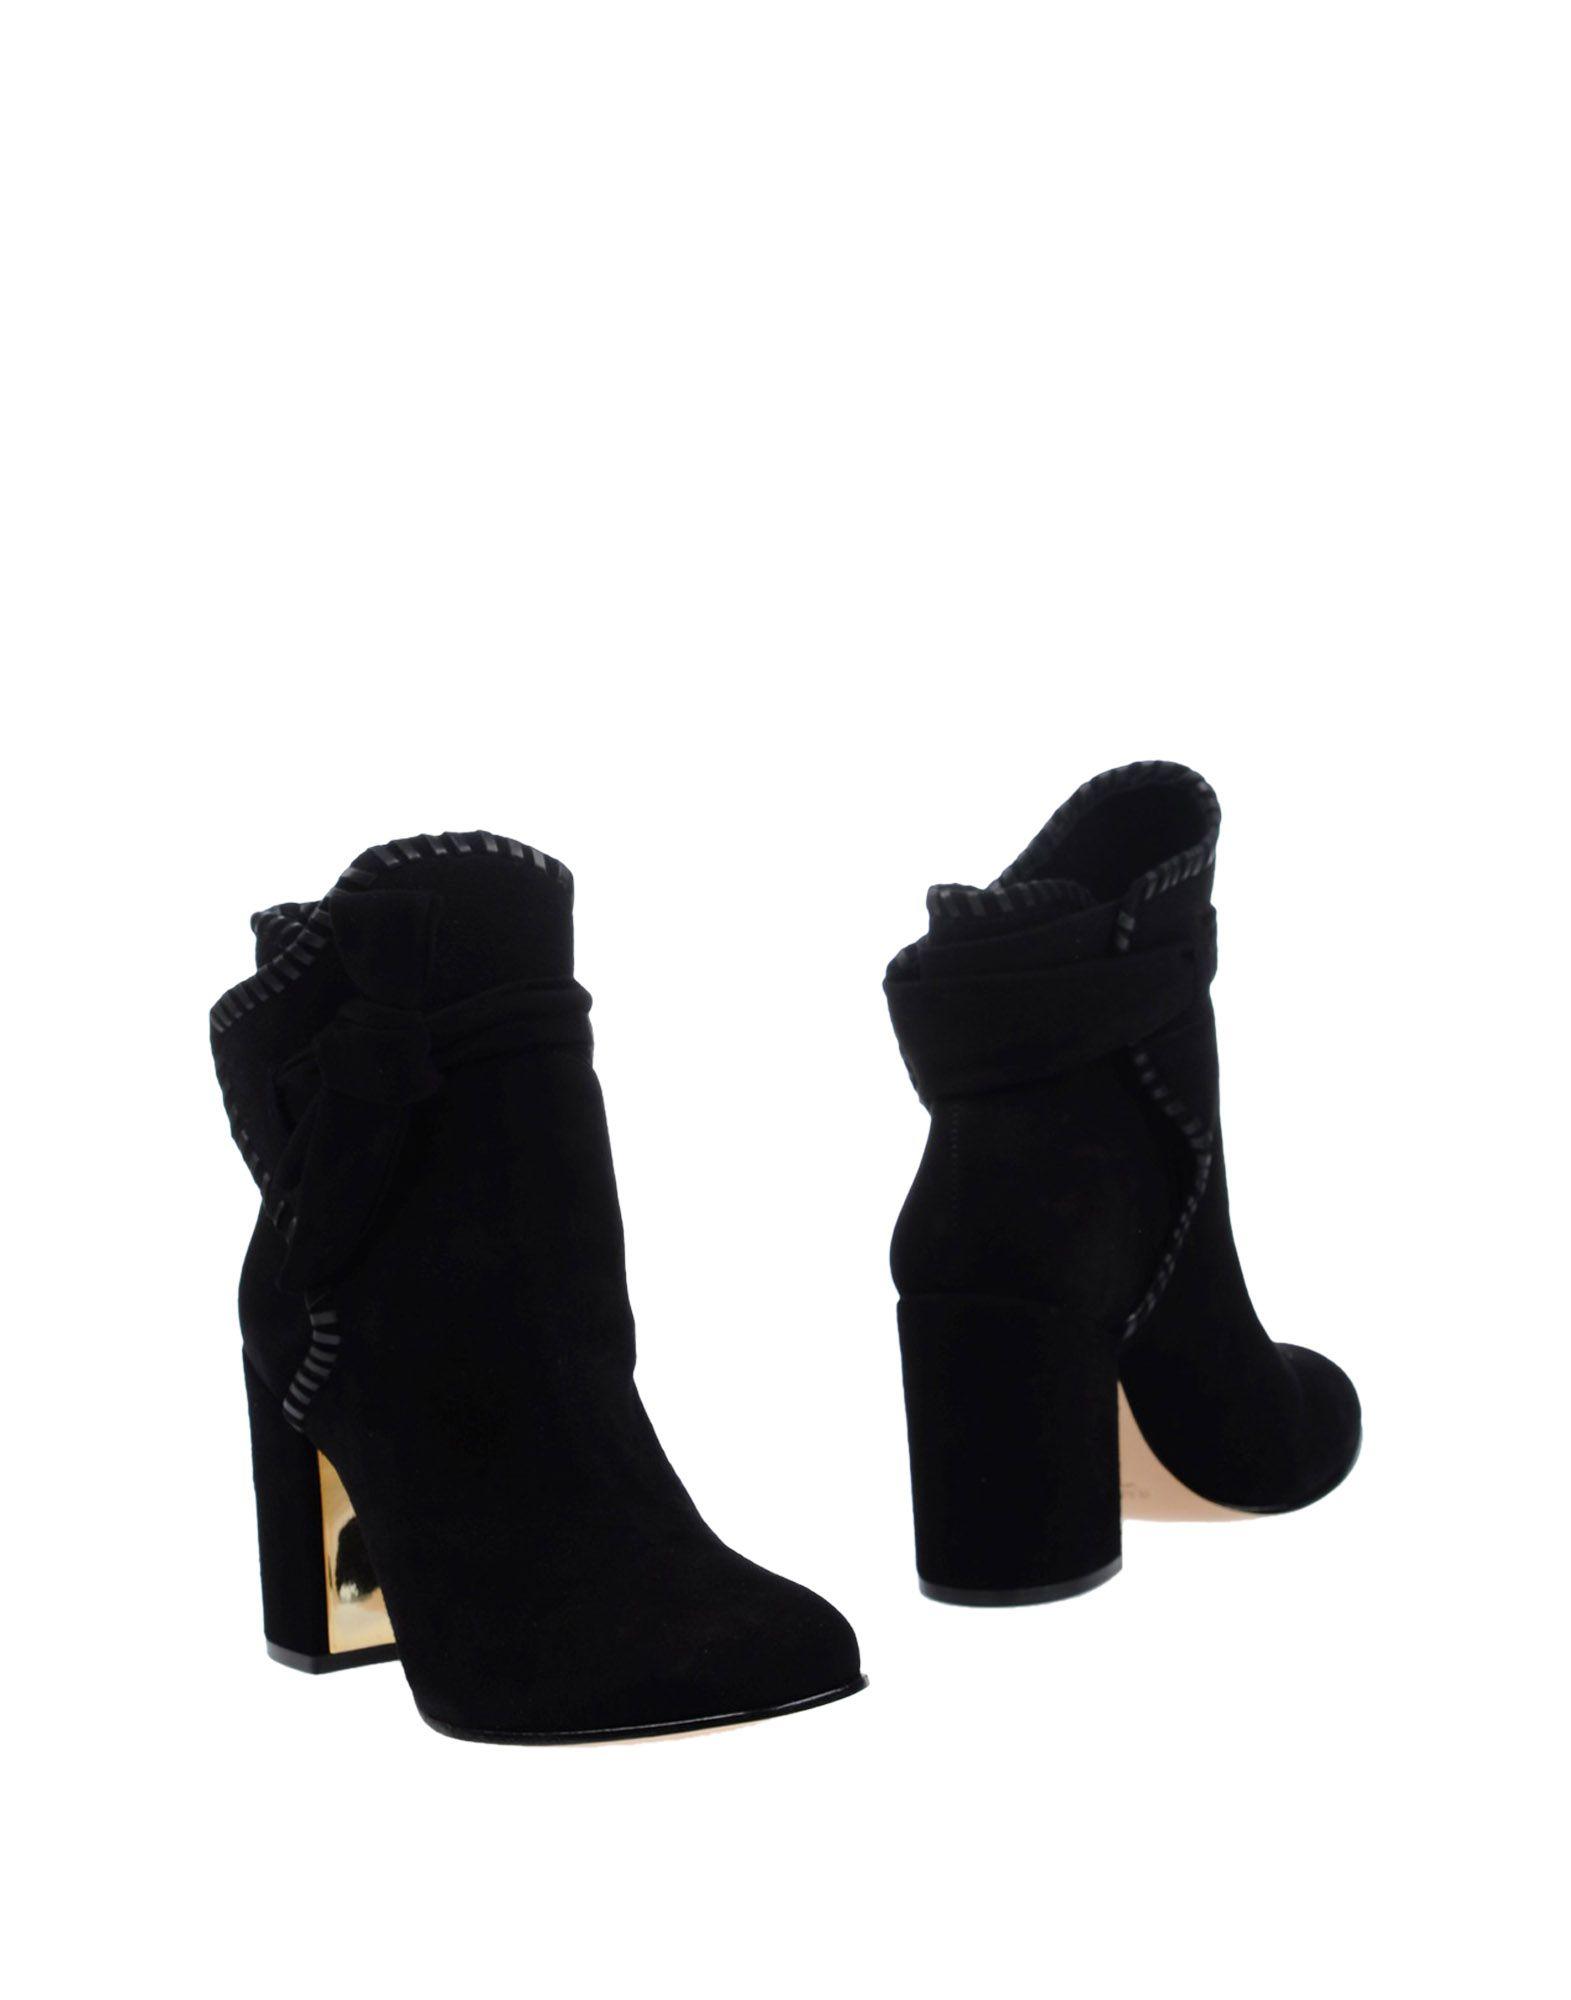 Rachel Zoe Stiefelette Damen strapazierfähige  11253199JLGut aussehende strapazierfähige Damen Schuhe 3f3e37